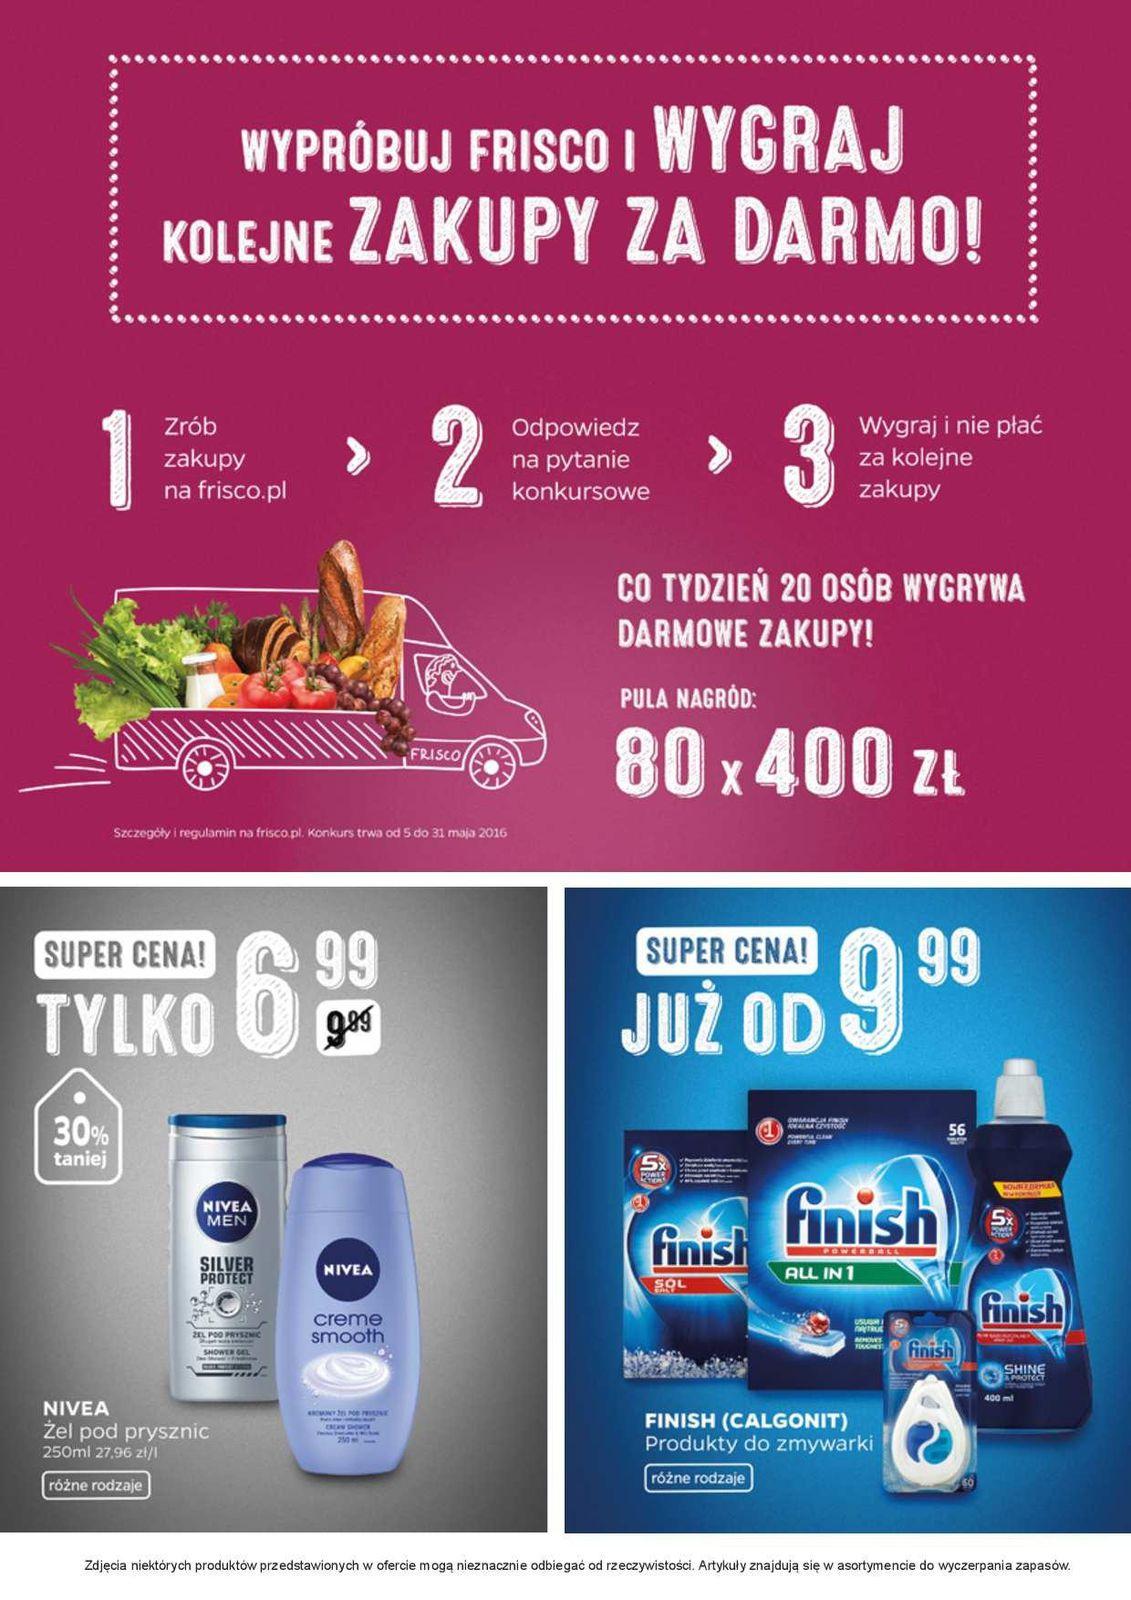 Gazetka promocyjna Frisco.pl do 22/05/2016 str.1